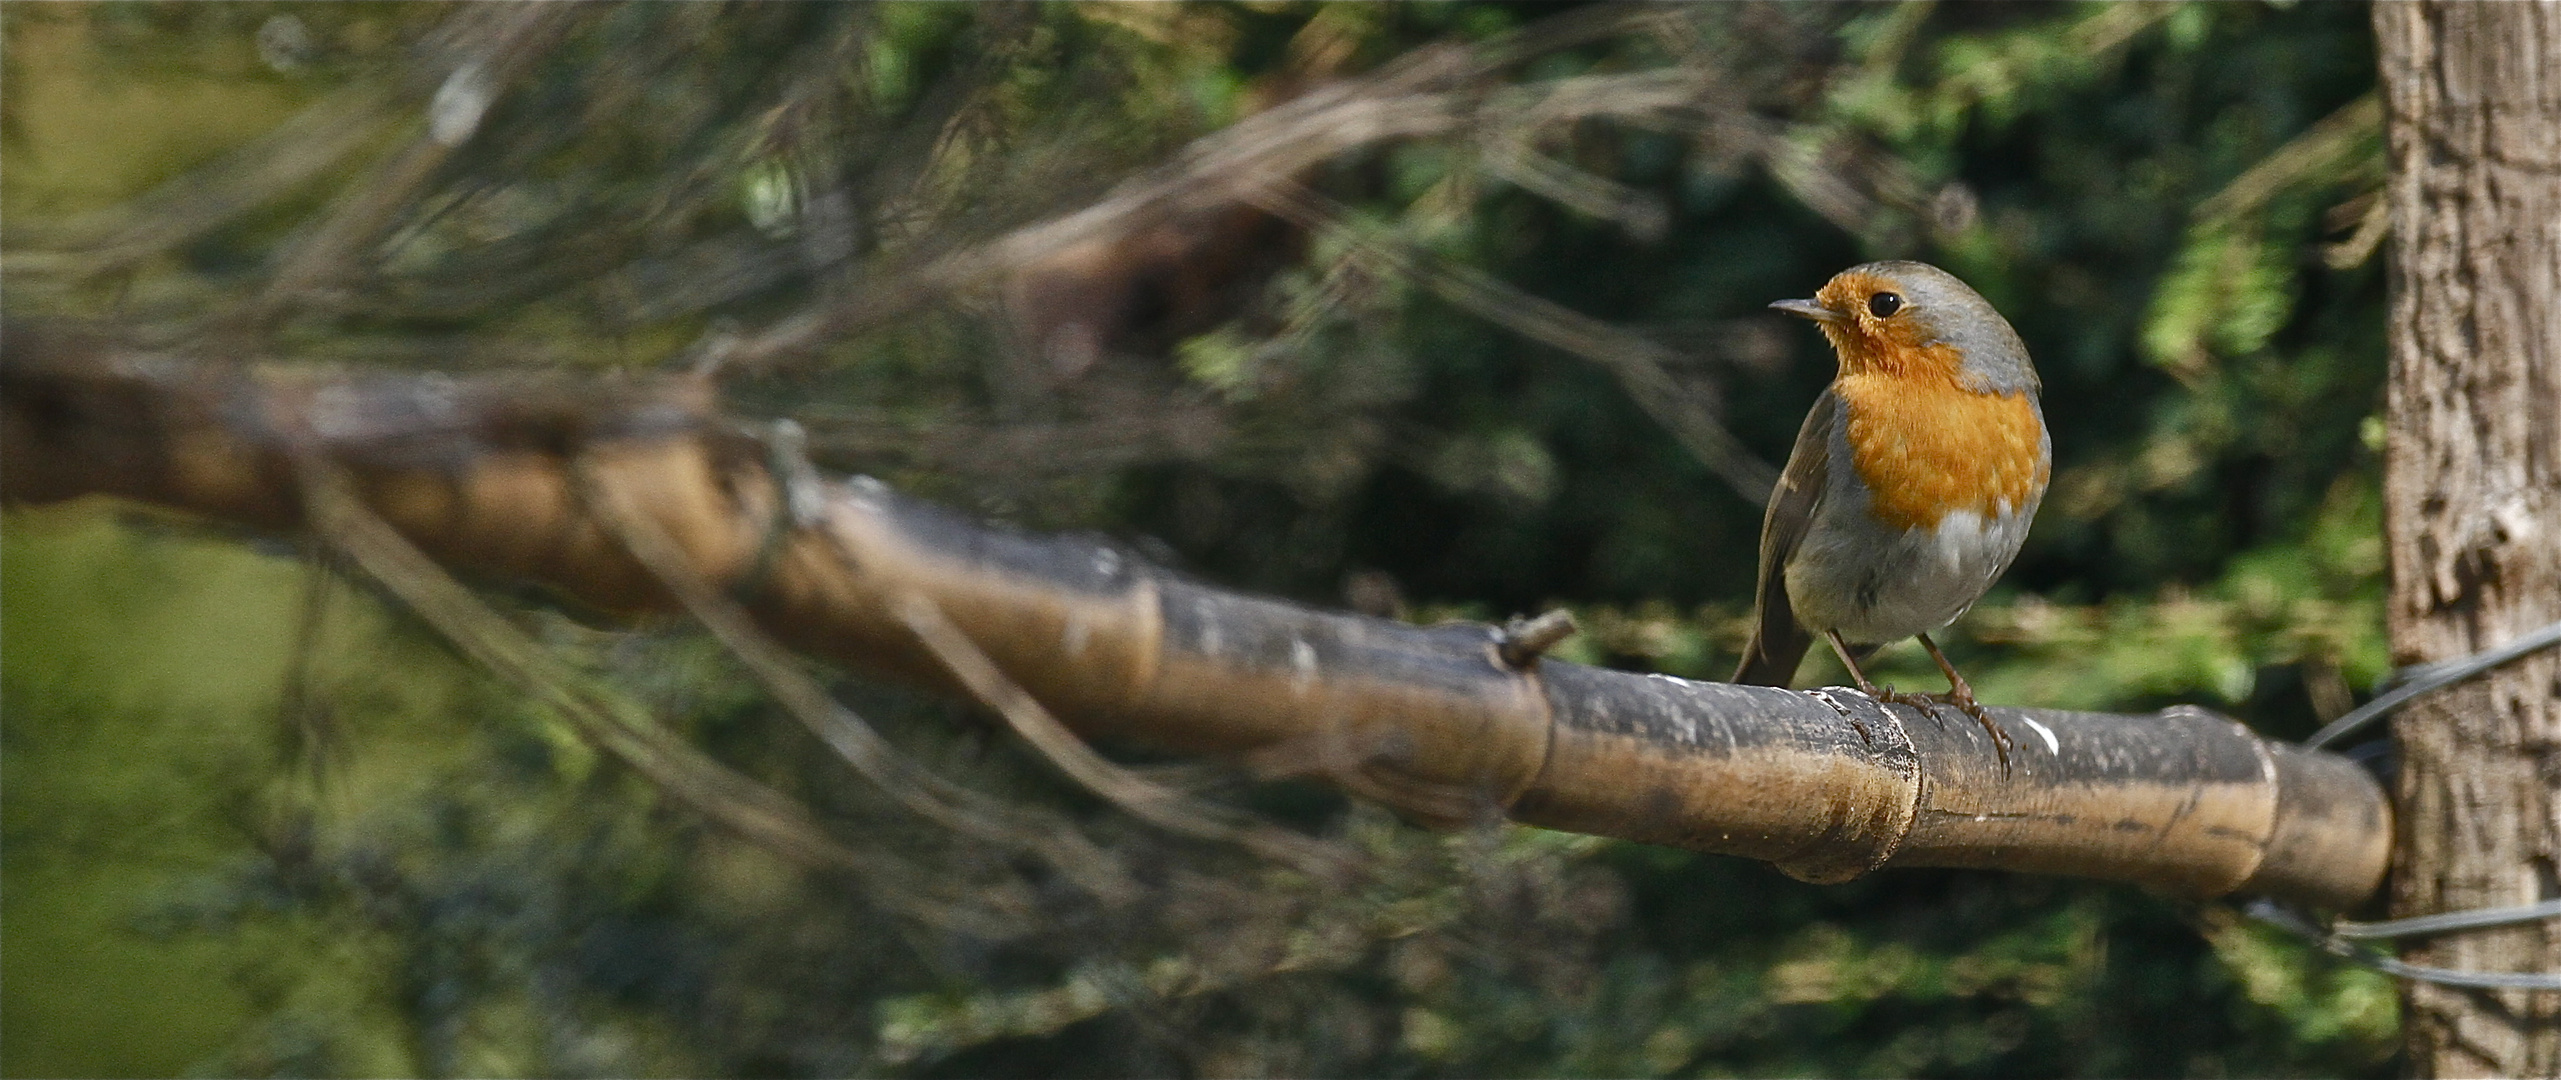 Sur la branche